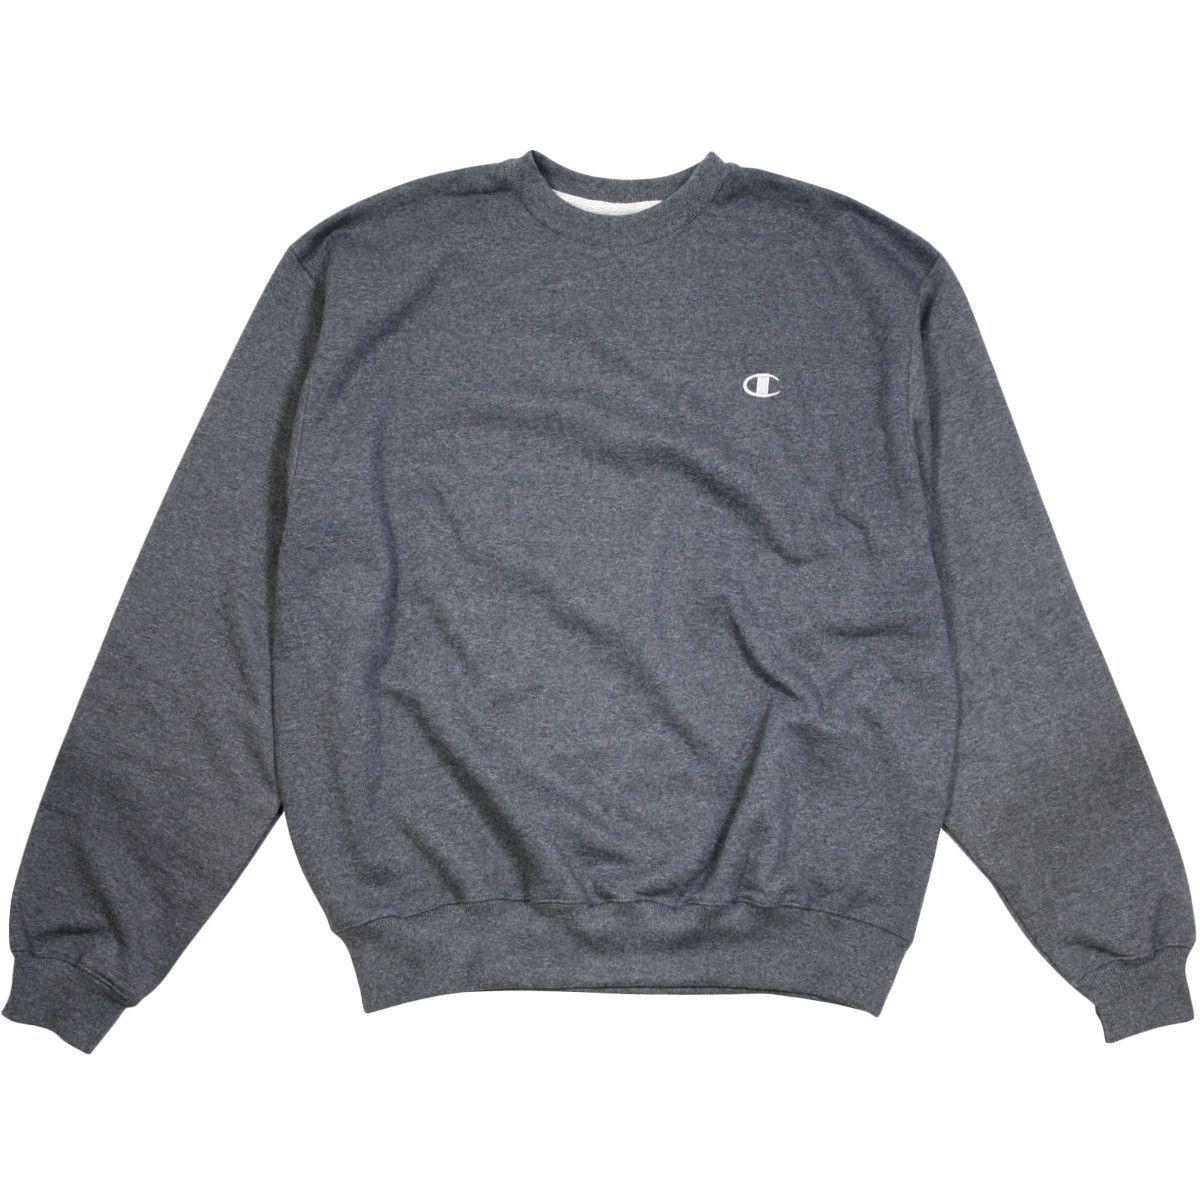 Champion Men S Eco Fleece Sweatshirt Granite Sweatshirts Sweatshirt Fleece Mens Outfits [ 1200 x 1200 Pixel ]